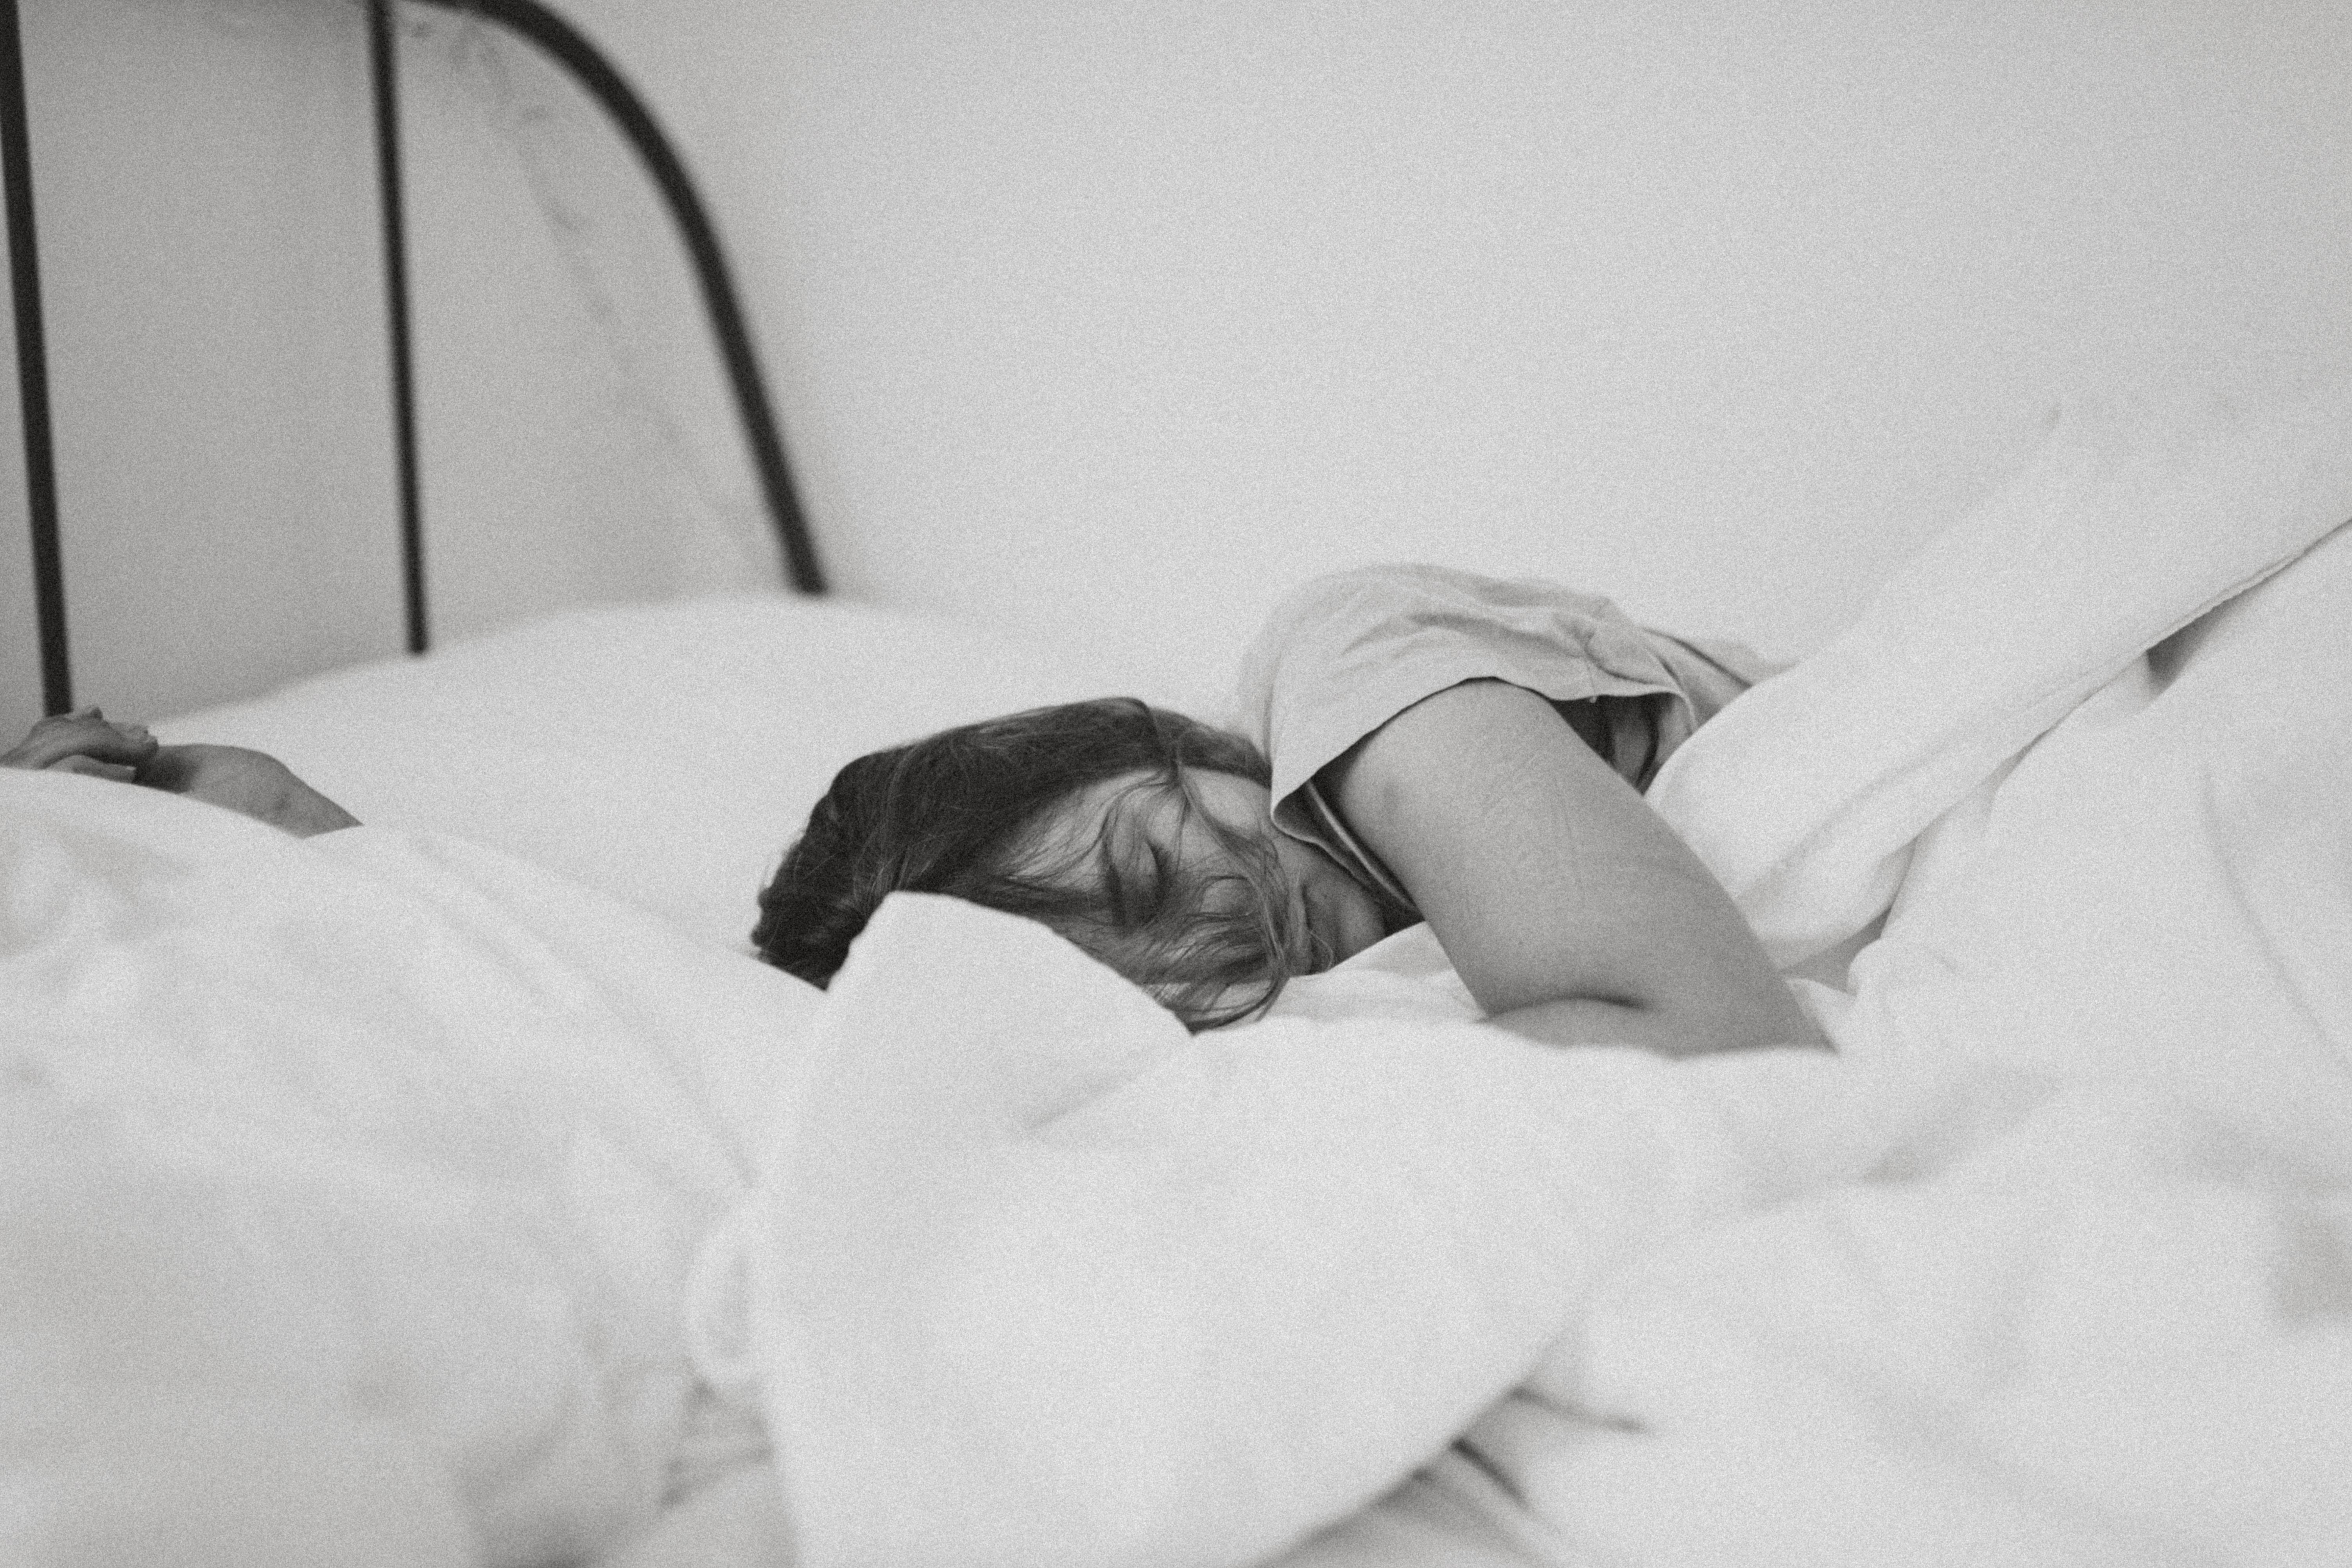 睡眠不足は病気を招く⁉︎睡眠不足の原因と有効な解消法をご紹介